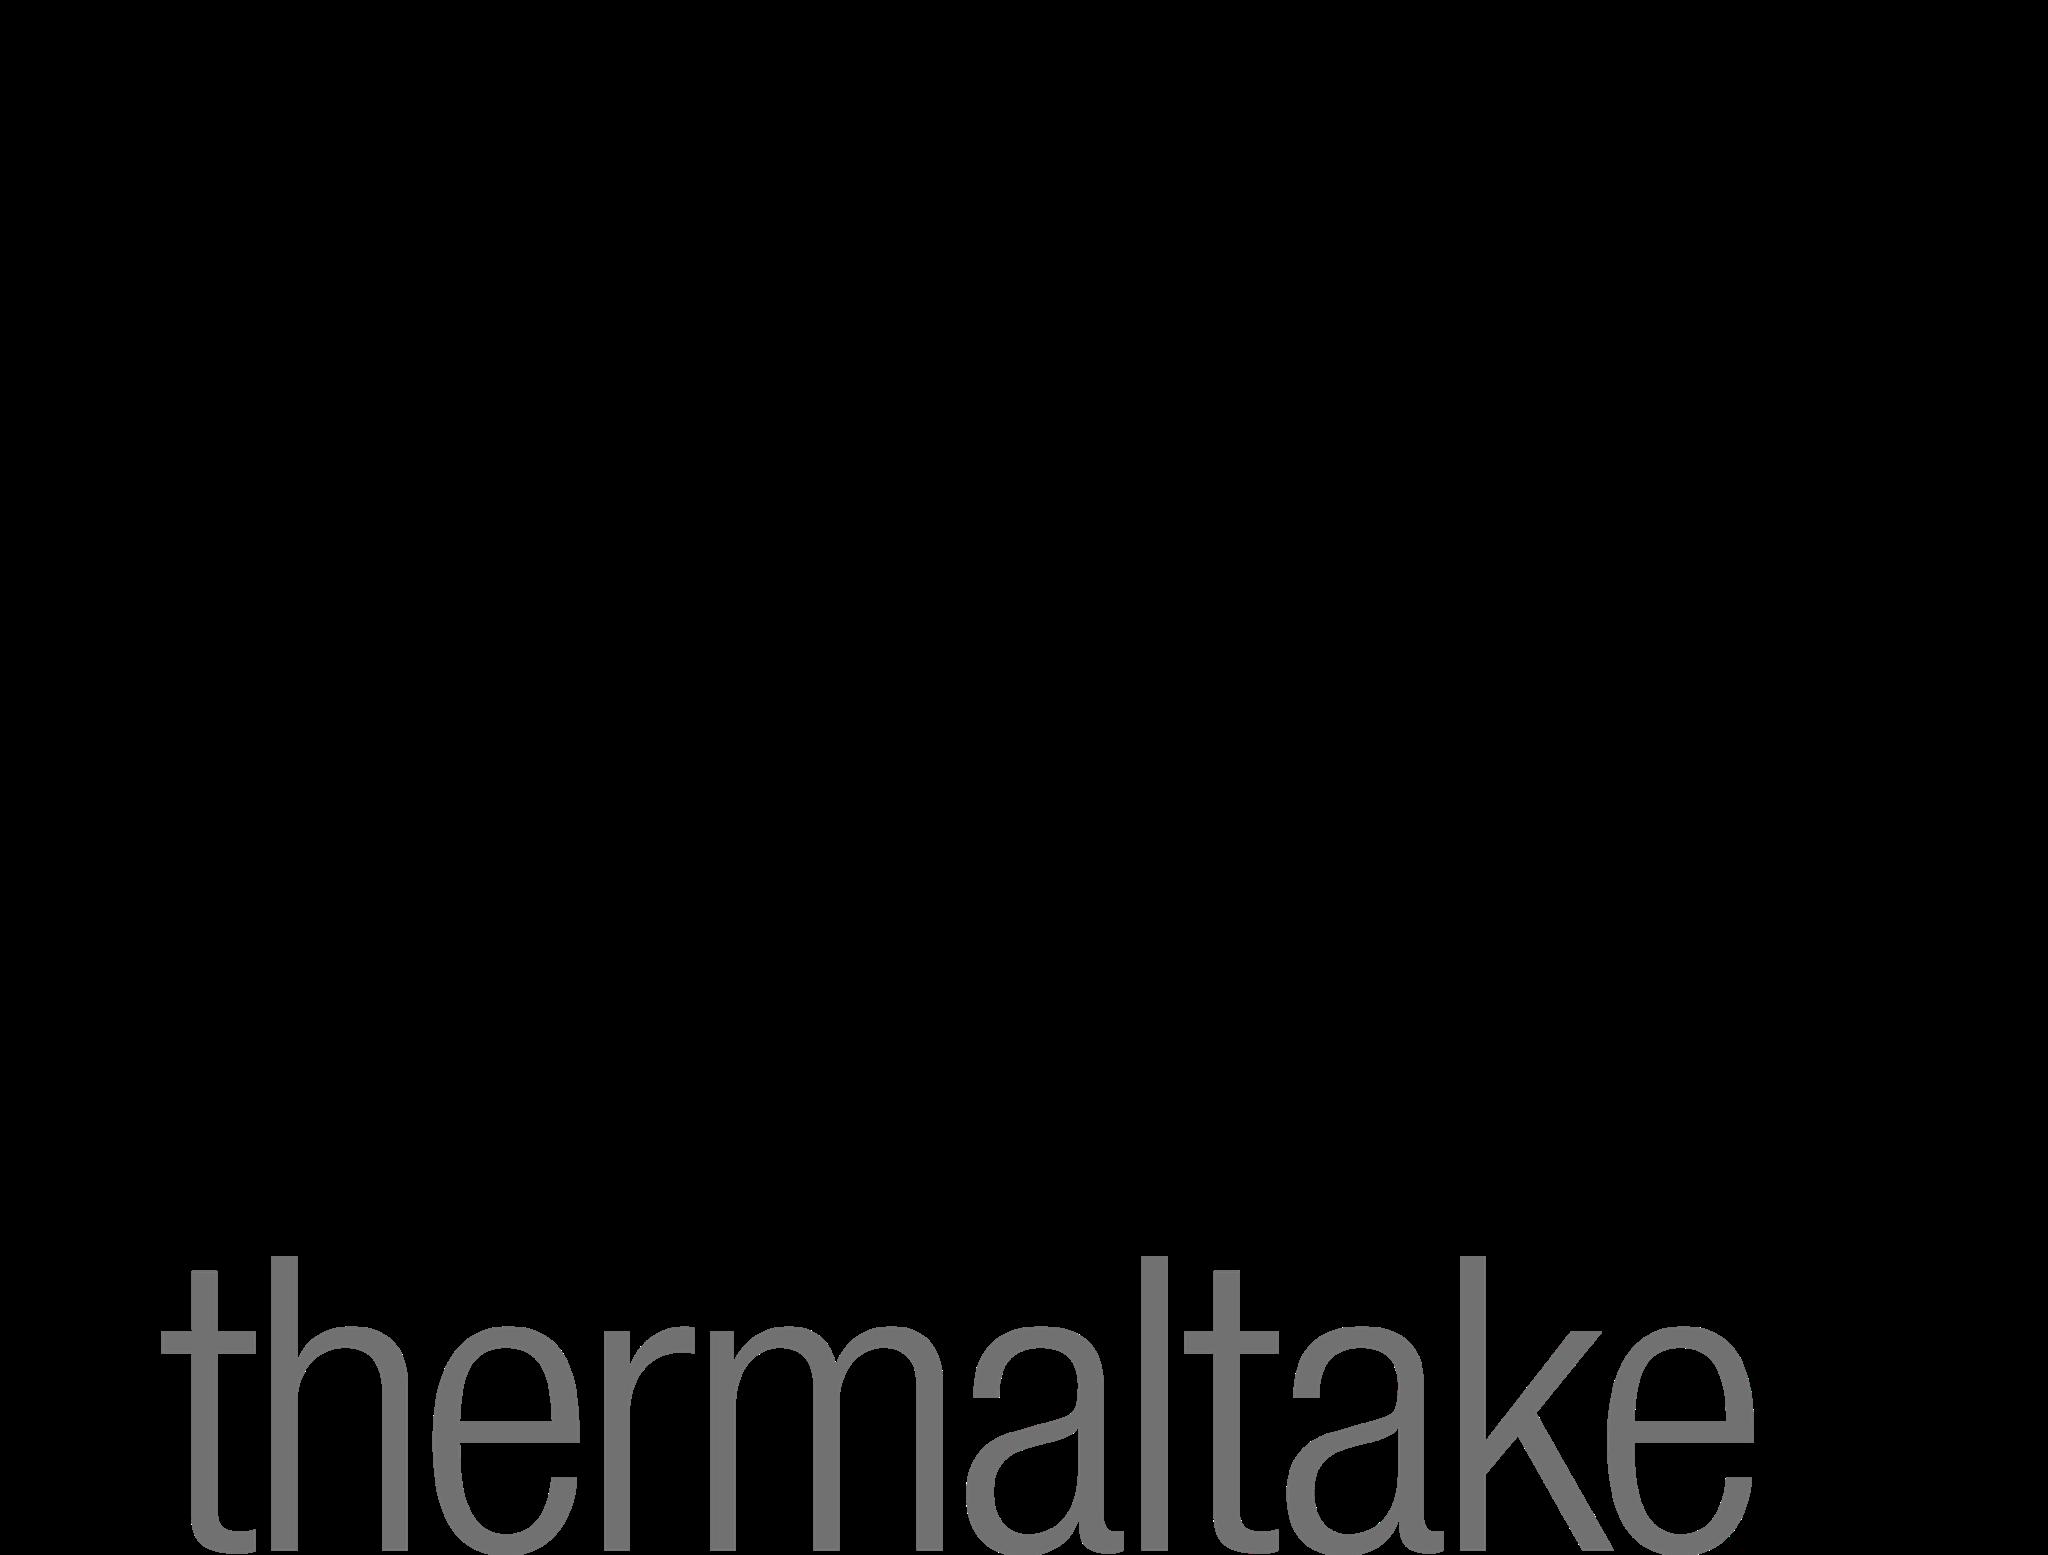 ثيرمال تيك | Thermaltake